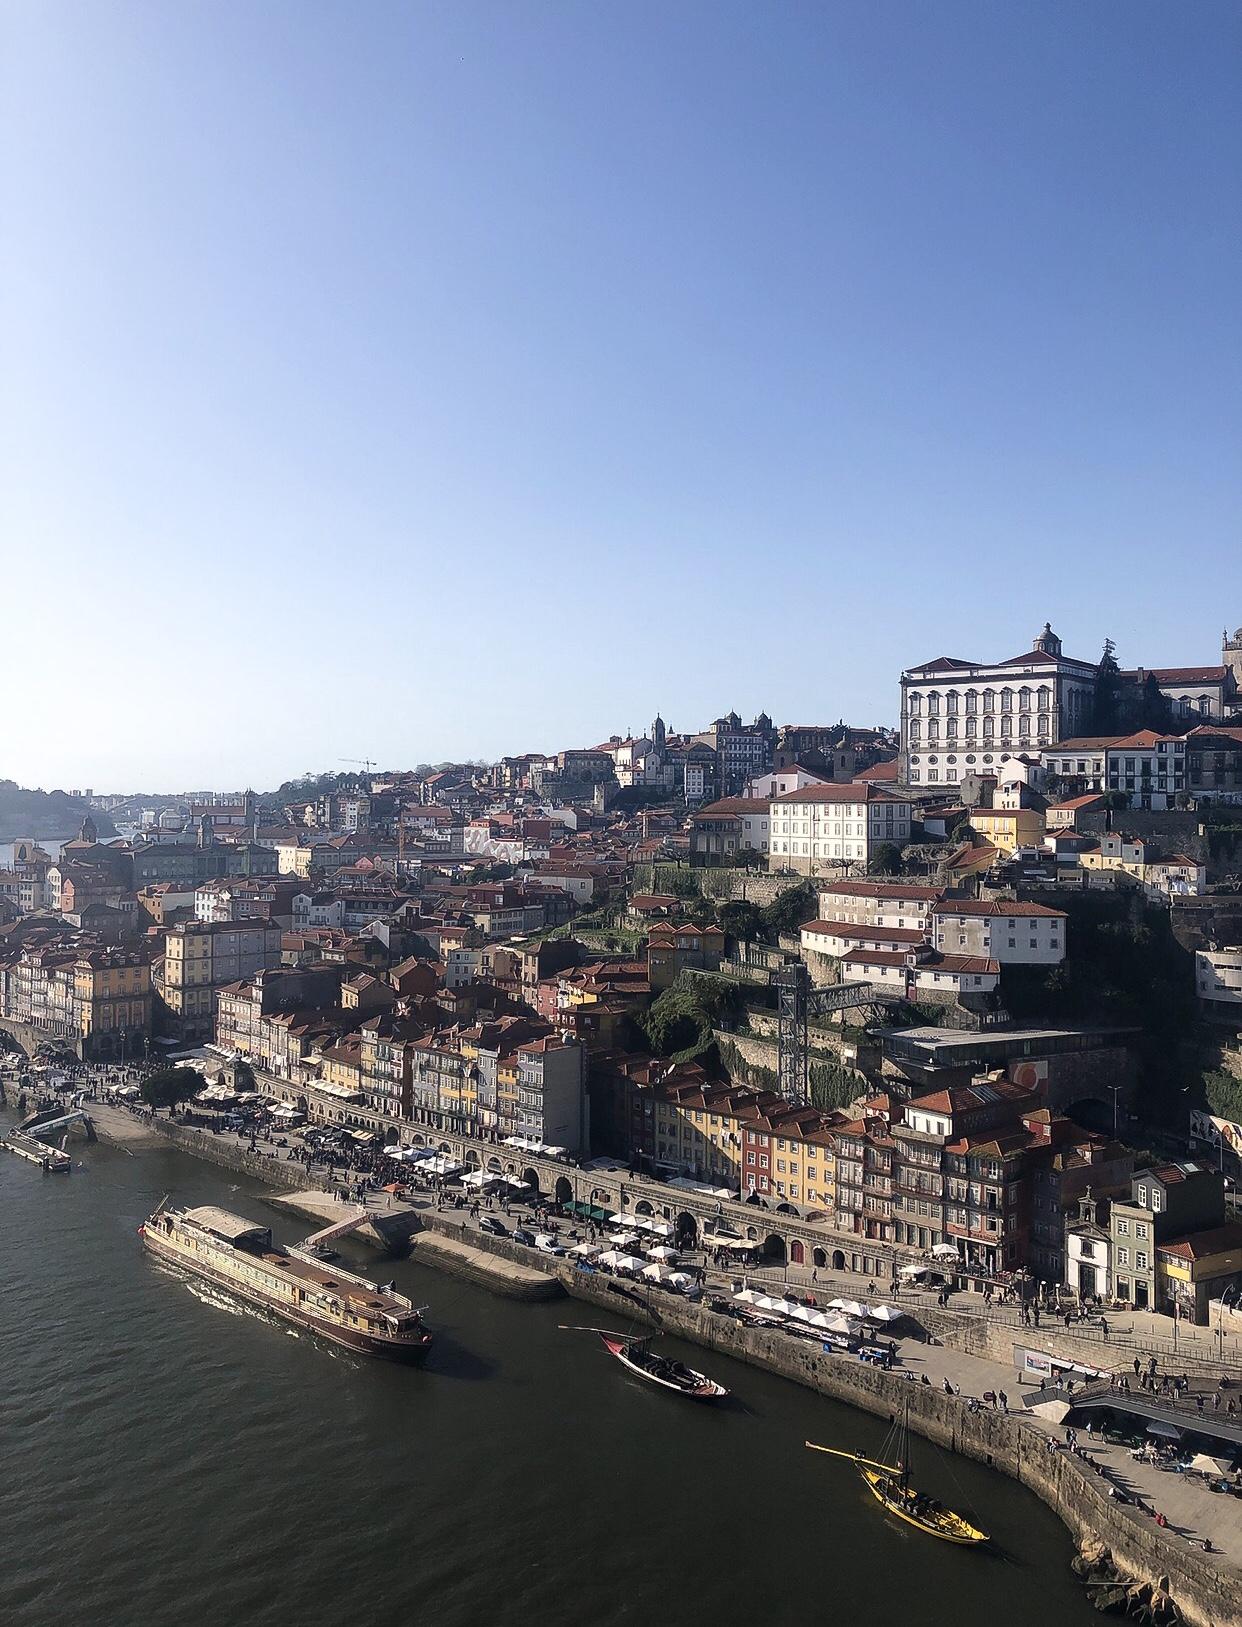 Porto-Reisebericht-Sightseeing-Tipps-Douro-Brücke-Ponte-Dom-Luis-Altstadt-Blick-Aussicht-Miss-Suzie-Loves